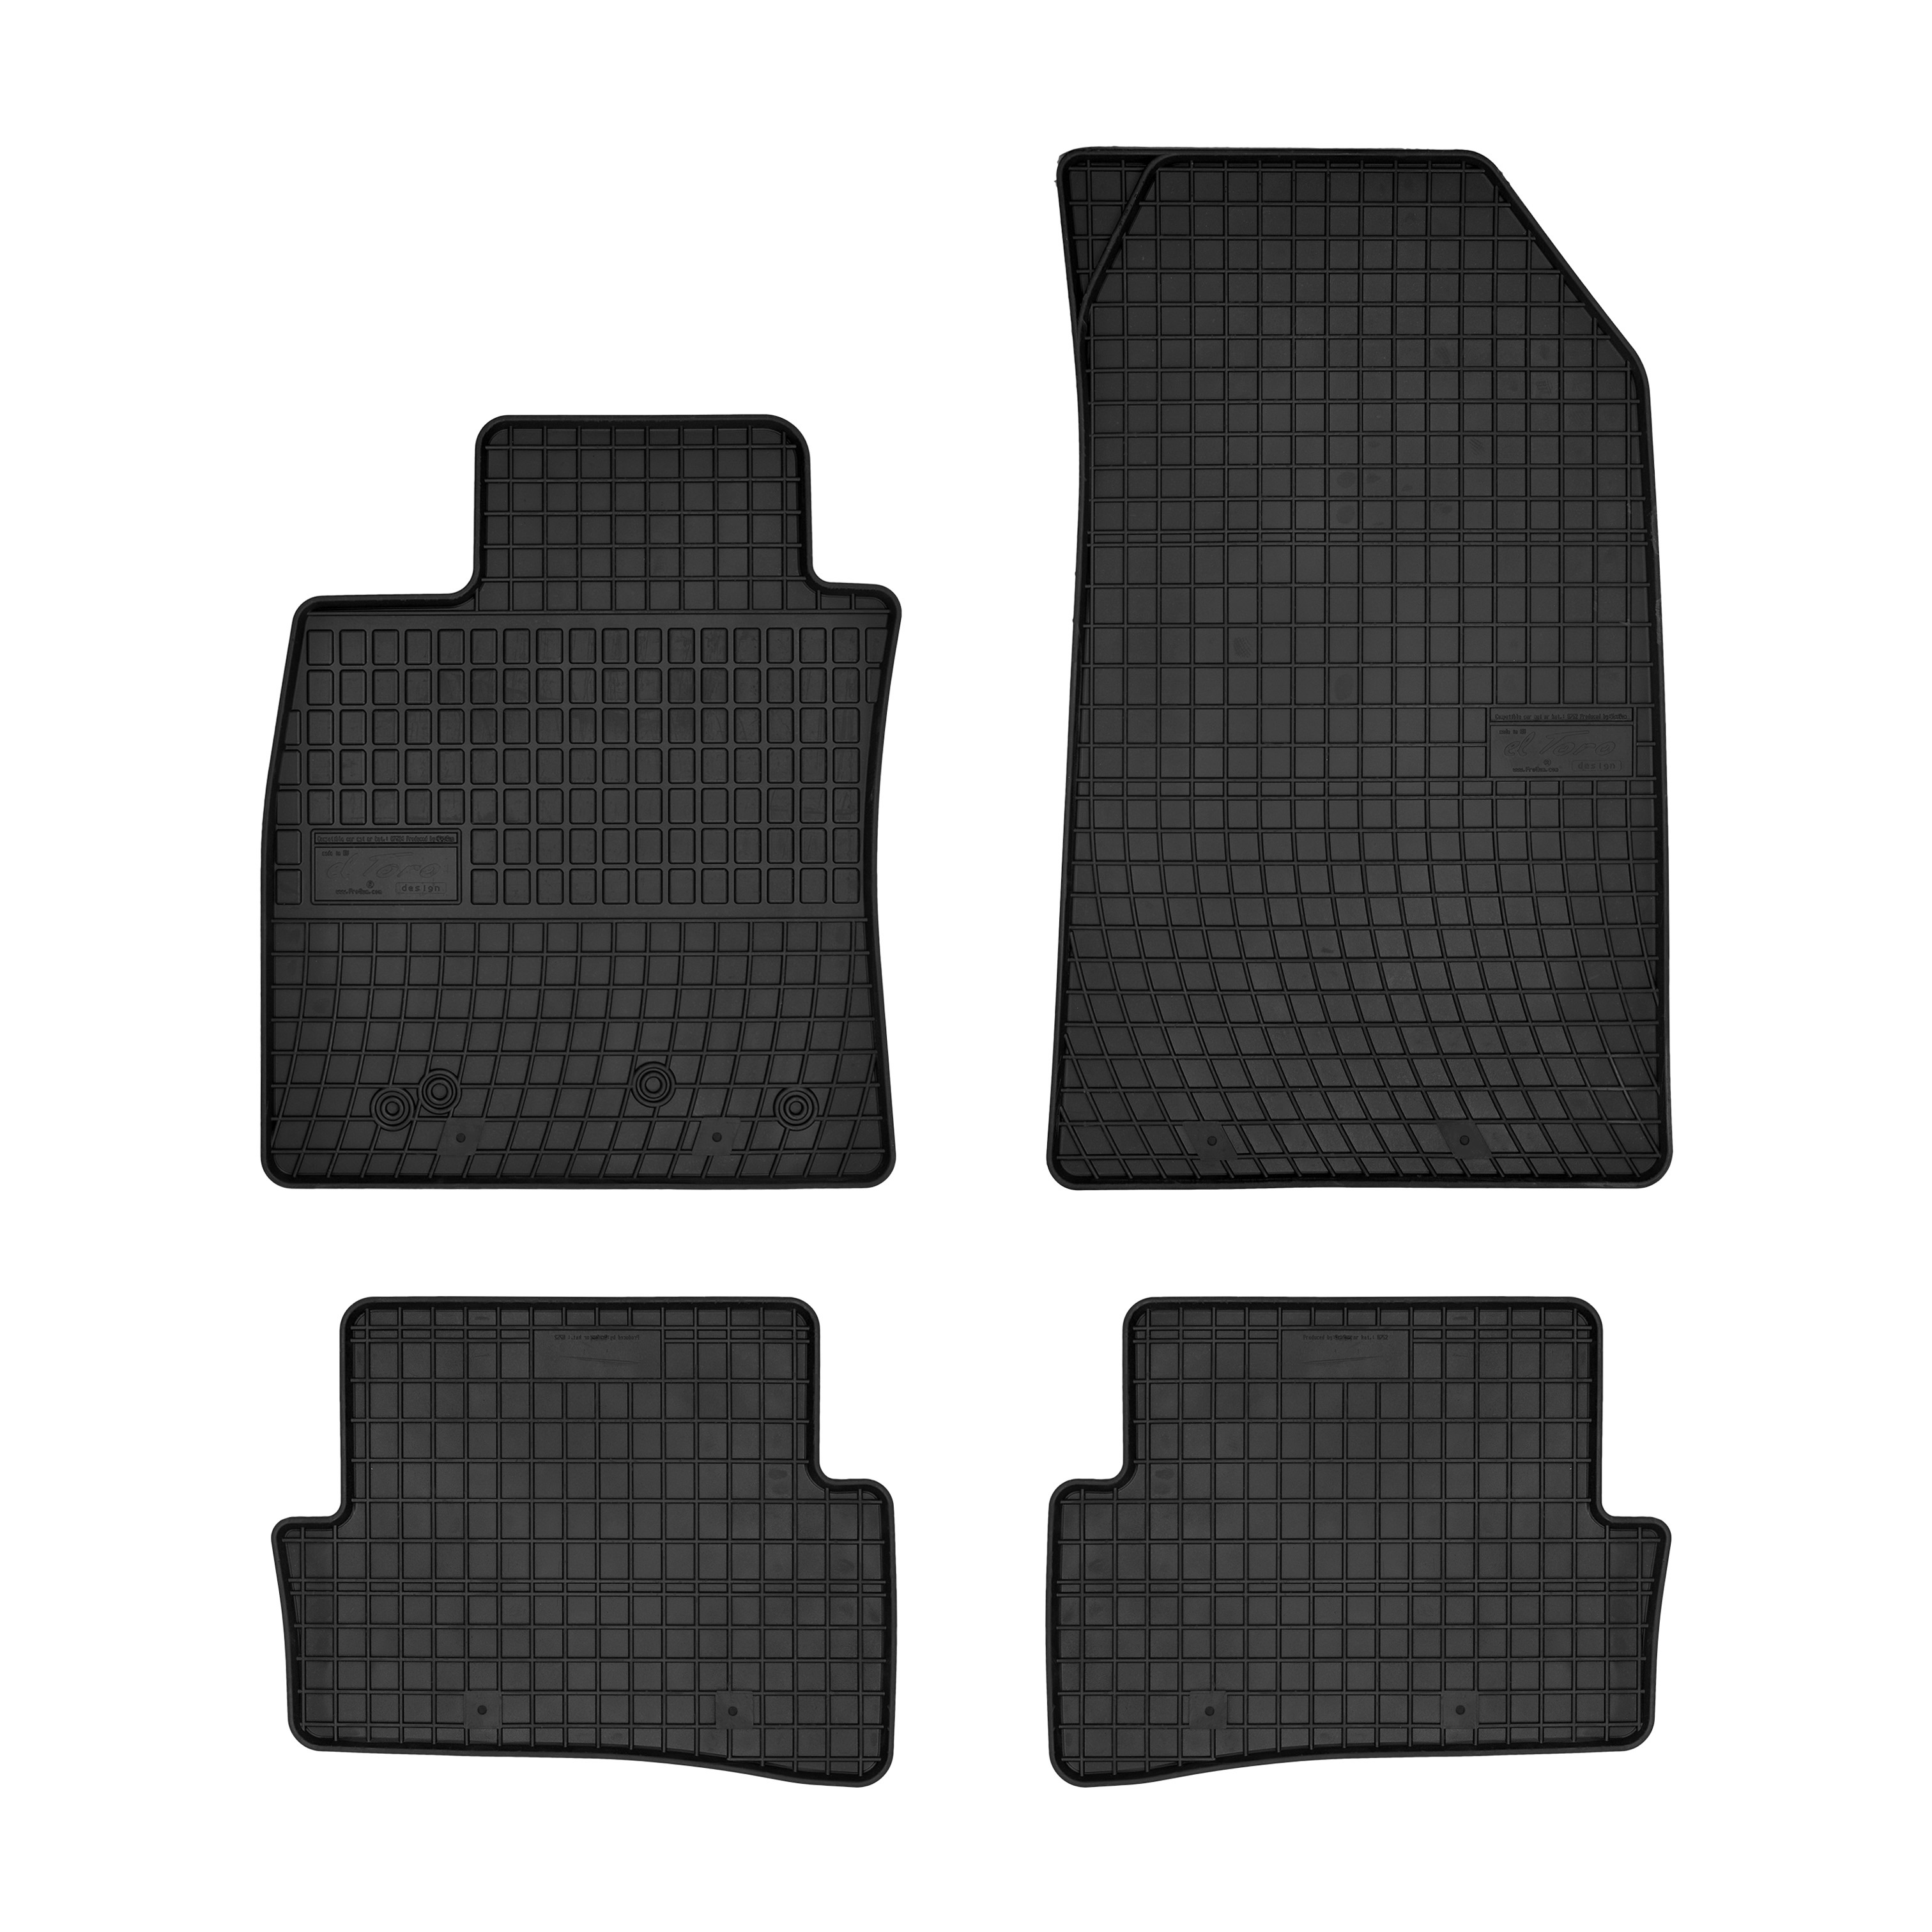 Kofferraumwanne mit Anti-Rutsch für Renault Clio III Generation 3//5Tür